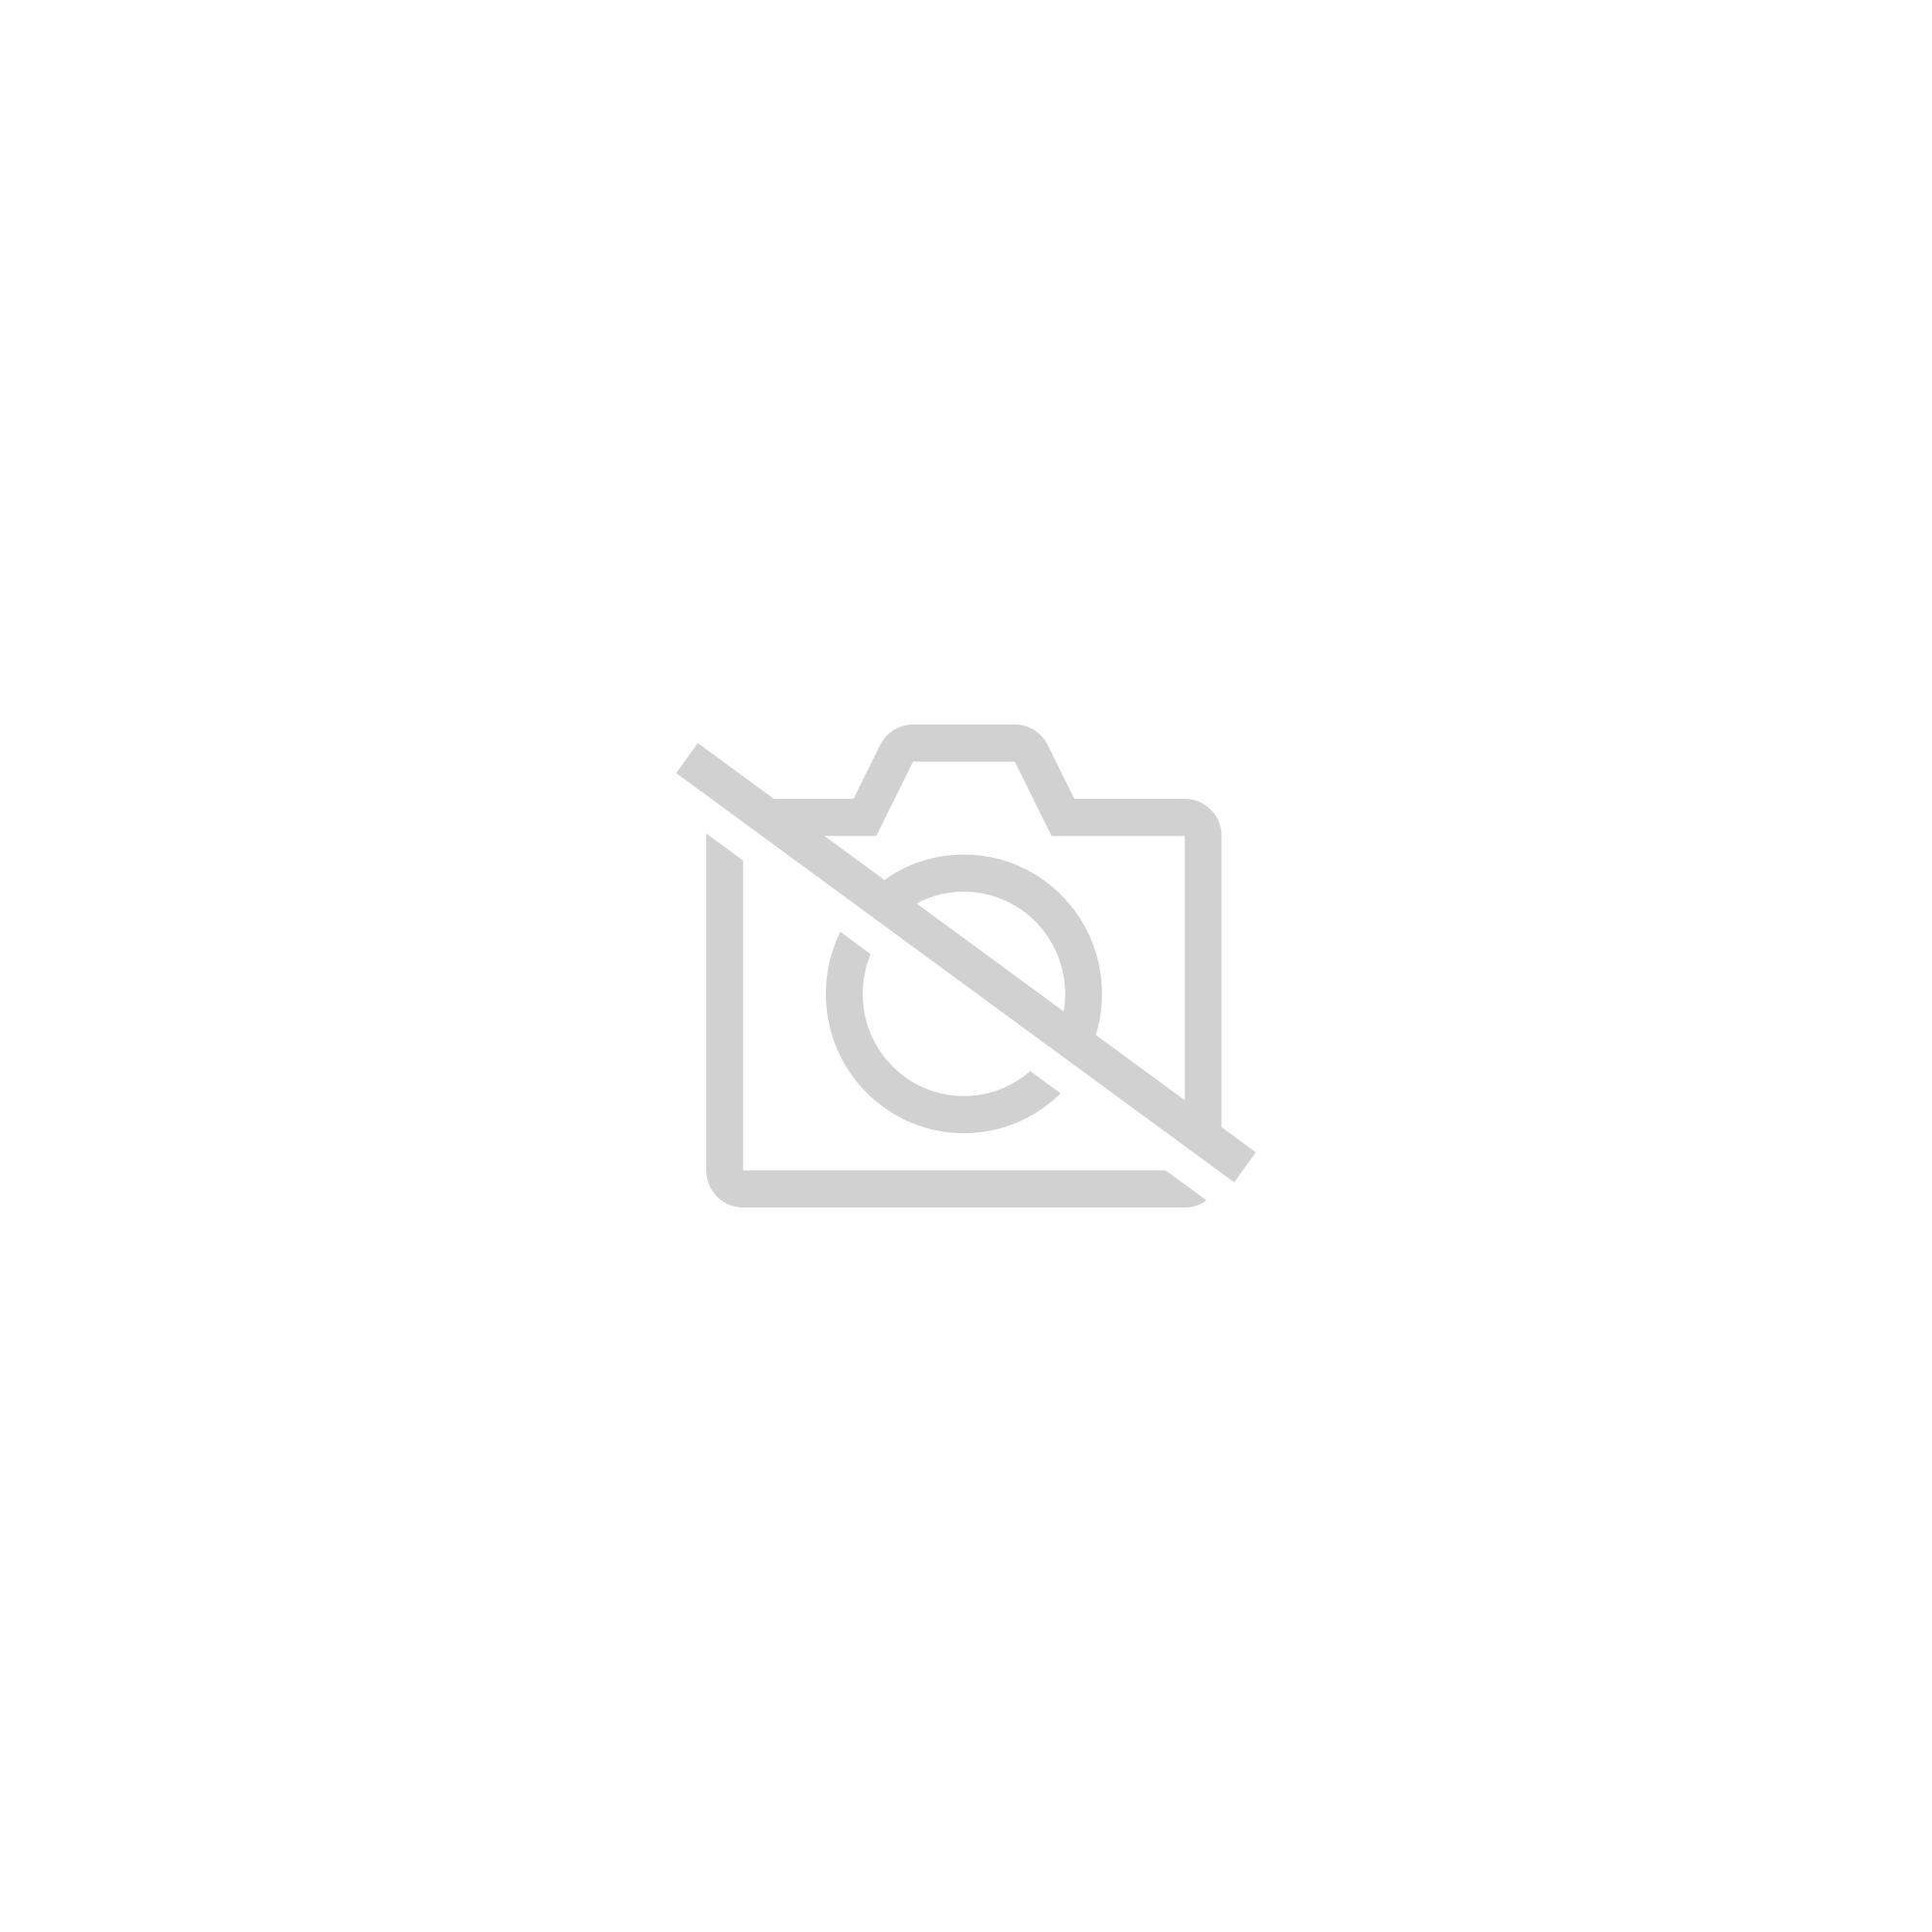 100% D'Origine H5 Étanche Bracelet À Puce Montre Moniteur De Fréquence Cardiaque De Natation Bracelet Pour Apple Iphone Huawei Android Ios Téléphone